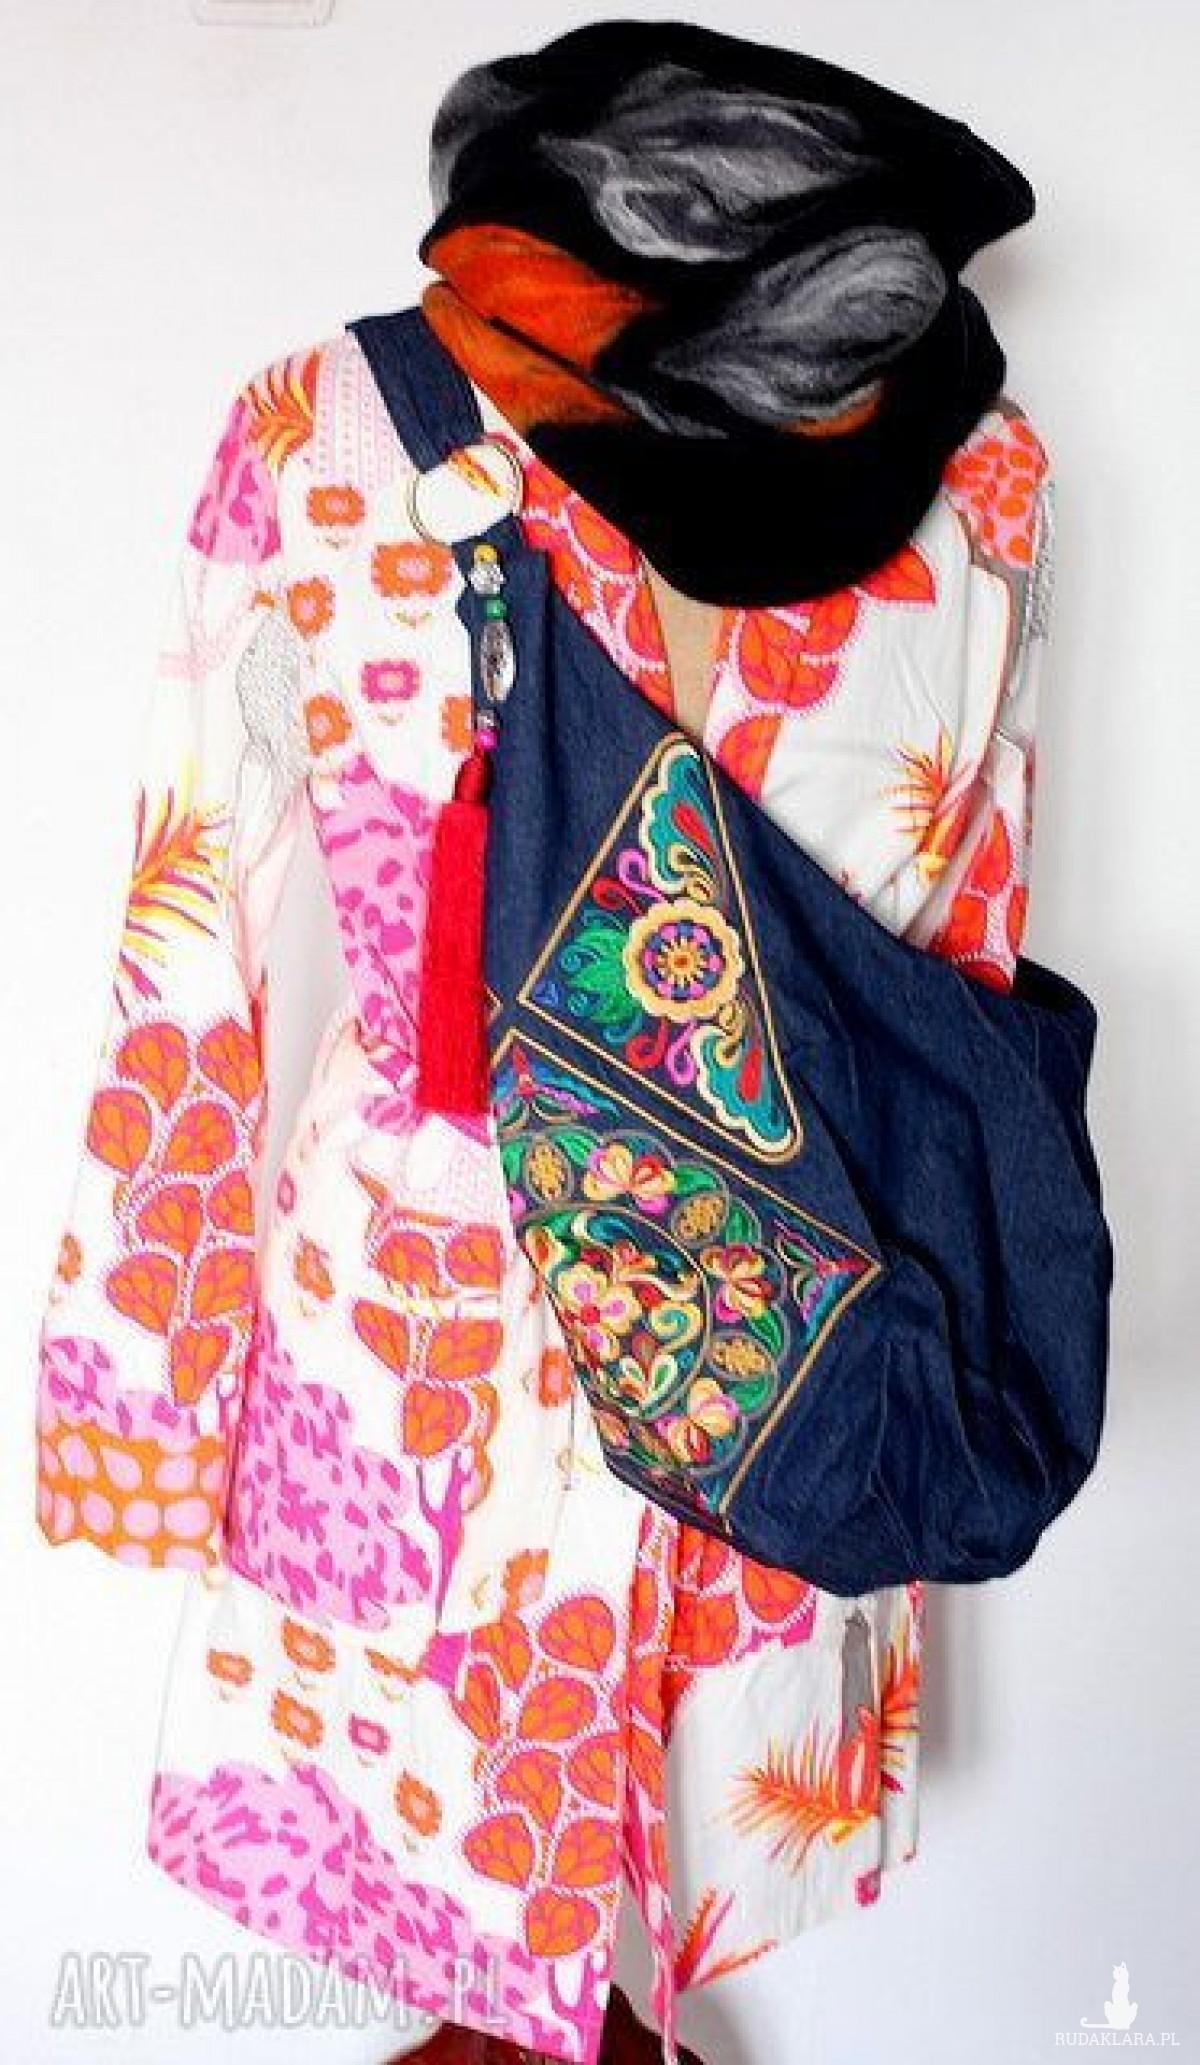 płaszcz damski kolorowy we wzory uszyty z materiału o strukturze jeansu